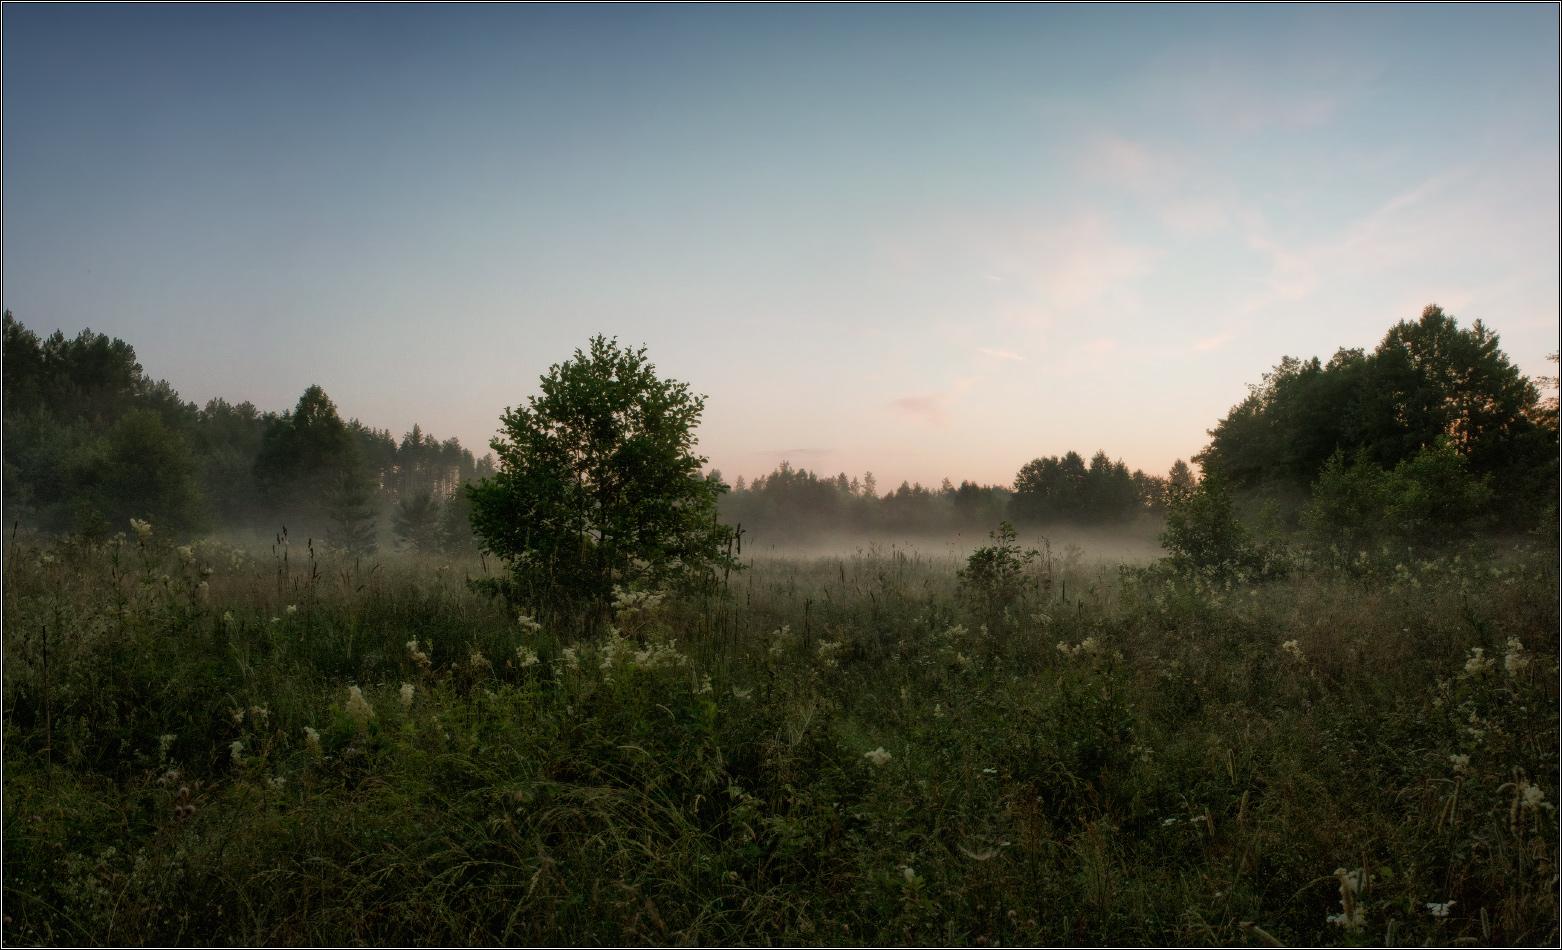 http://i2.imageban.ru/out/2012/07/12/a45c247f2f5ce9dfba278b3512052165.jpg